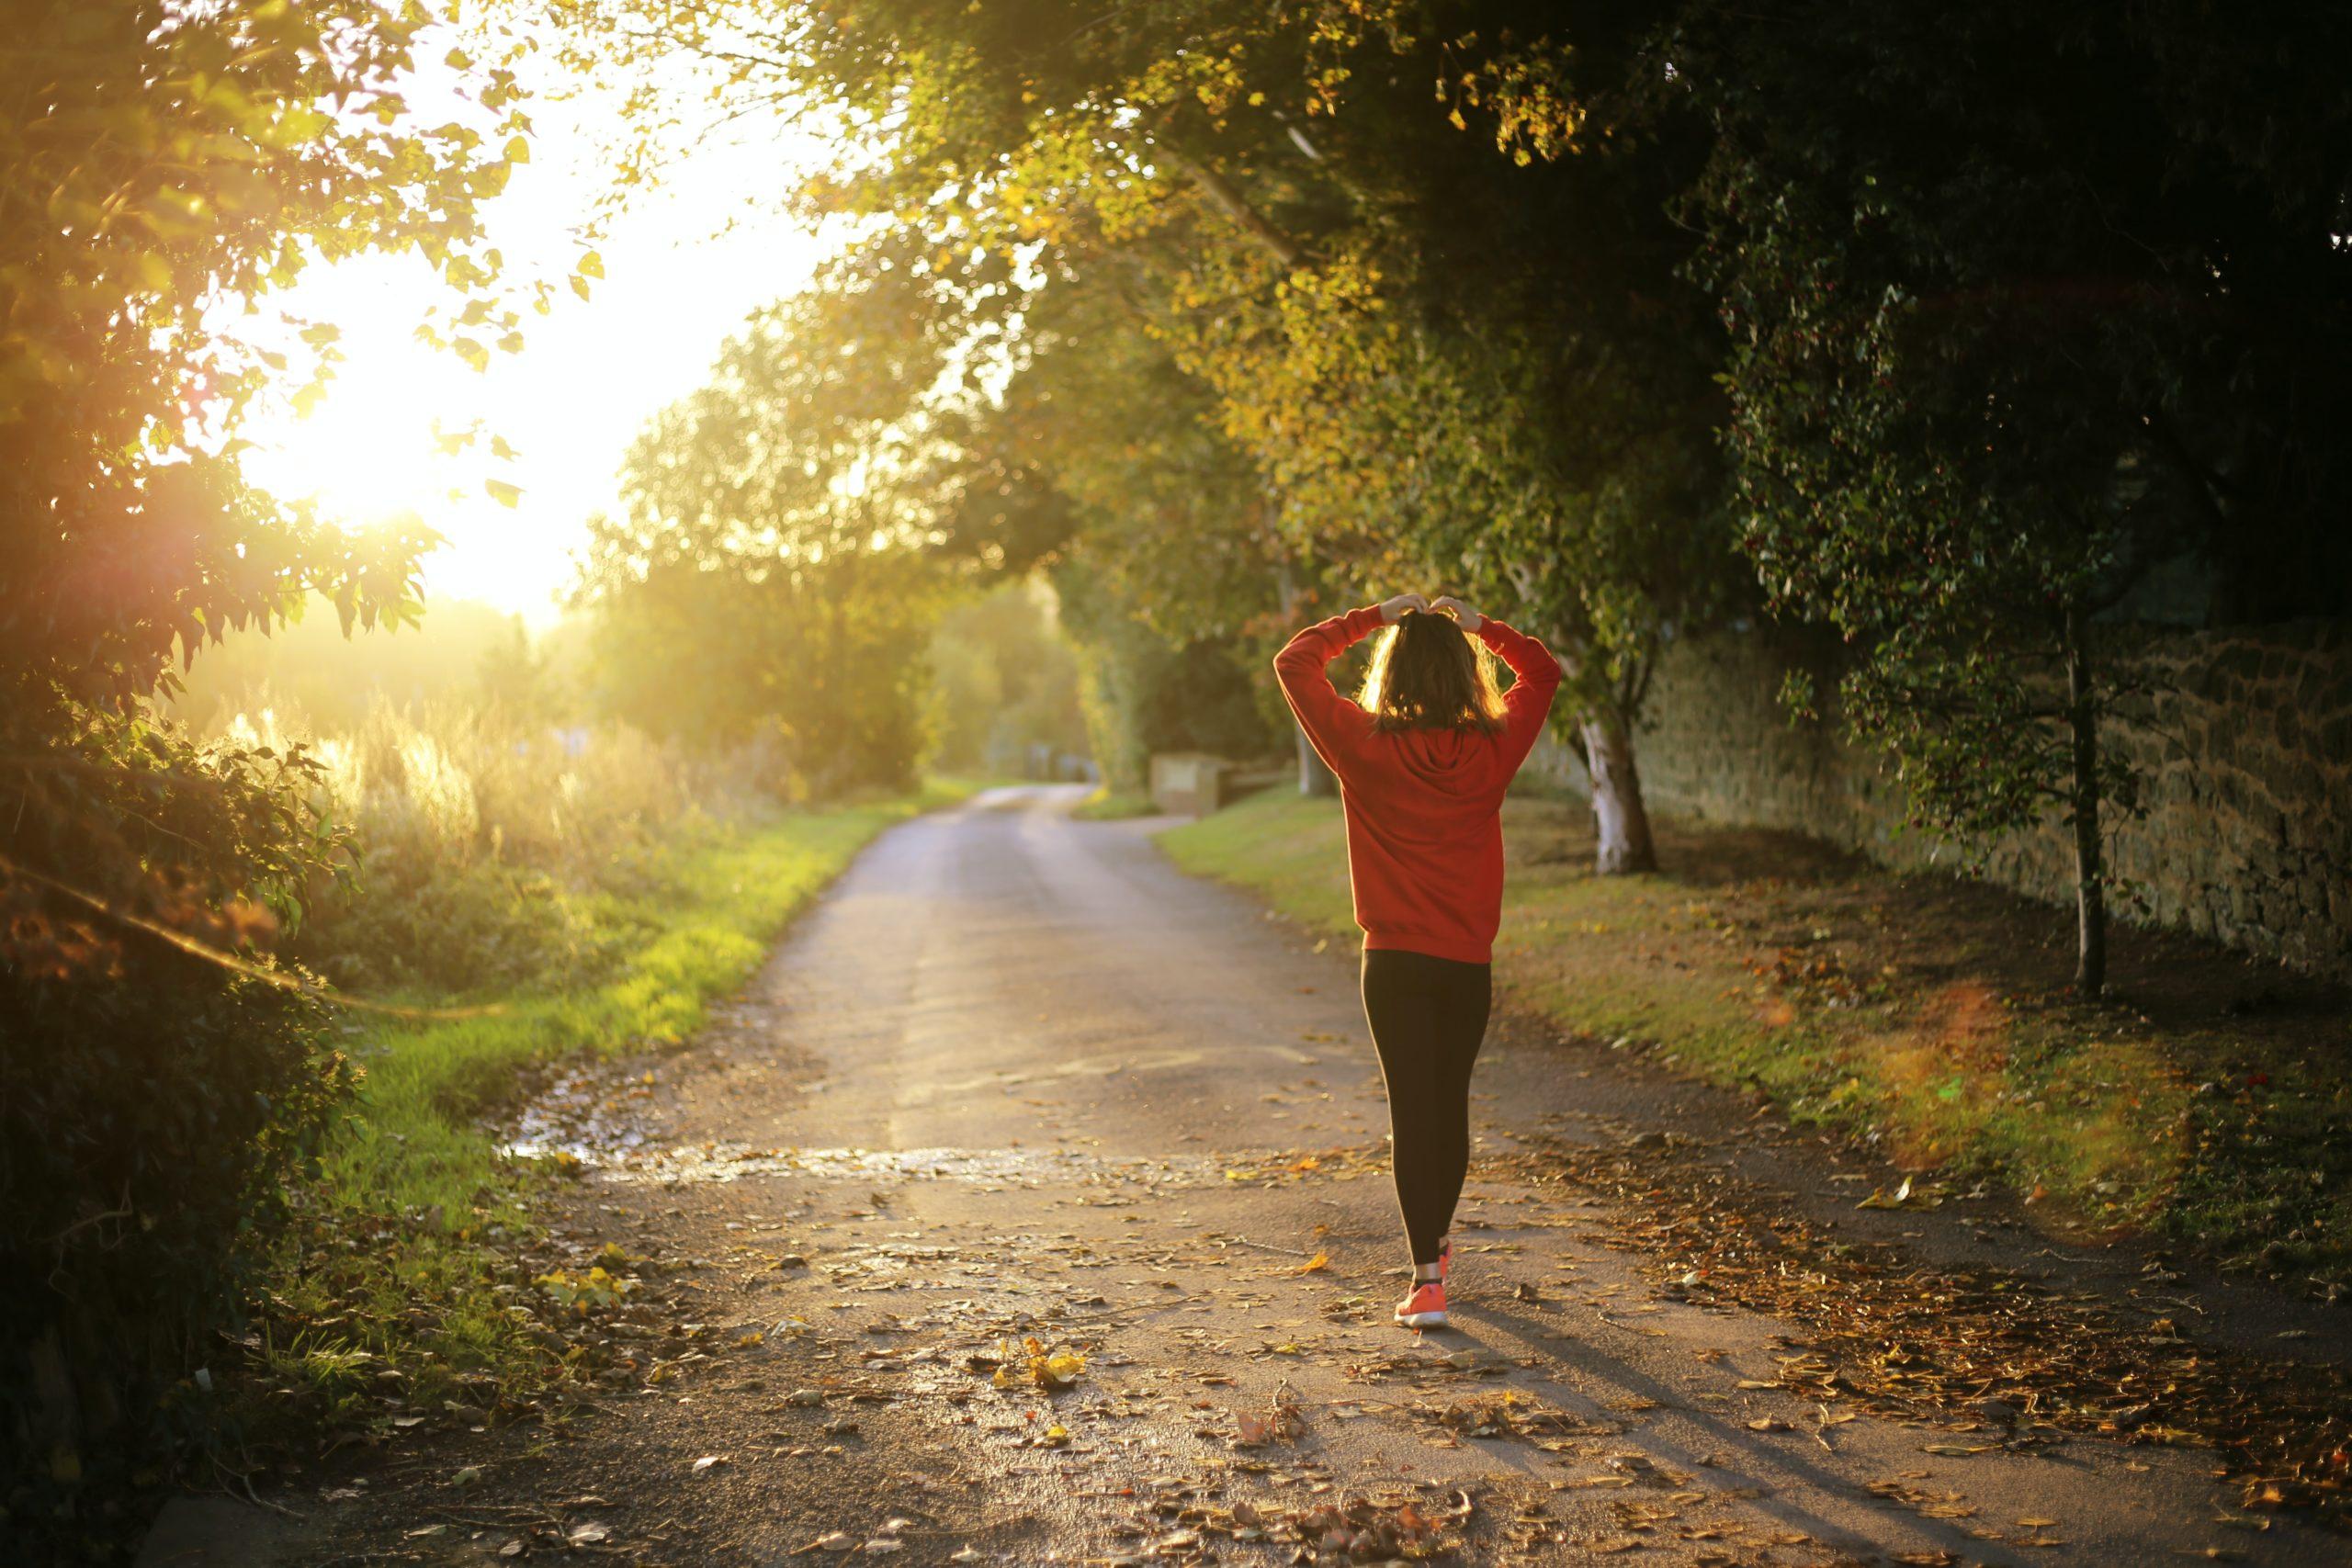 Acercarse a la naturaleza, favorece el equilibrio emocional, incrementa la concentración y la memoria, mejora la salud mental, la autoestima y la capacidad cognitiva.